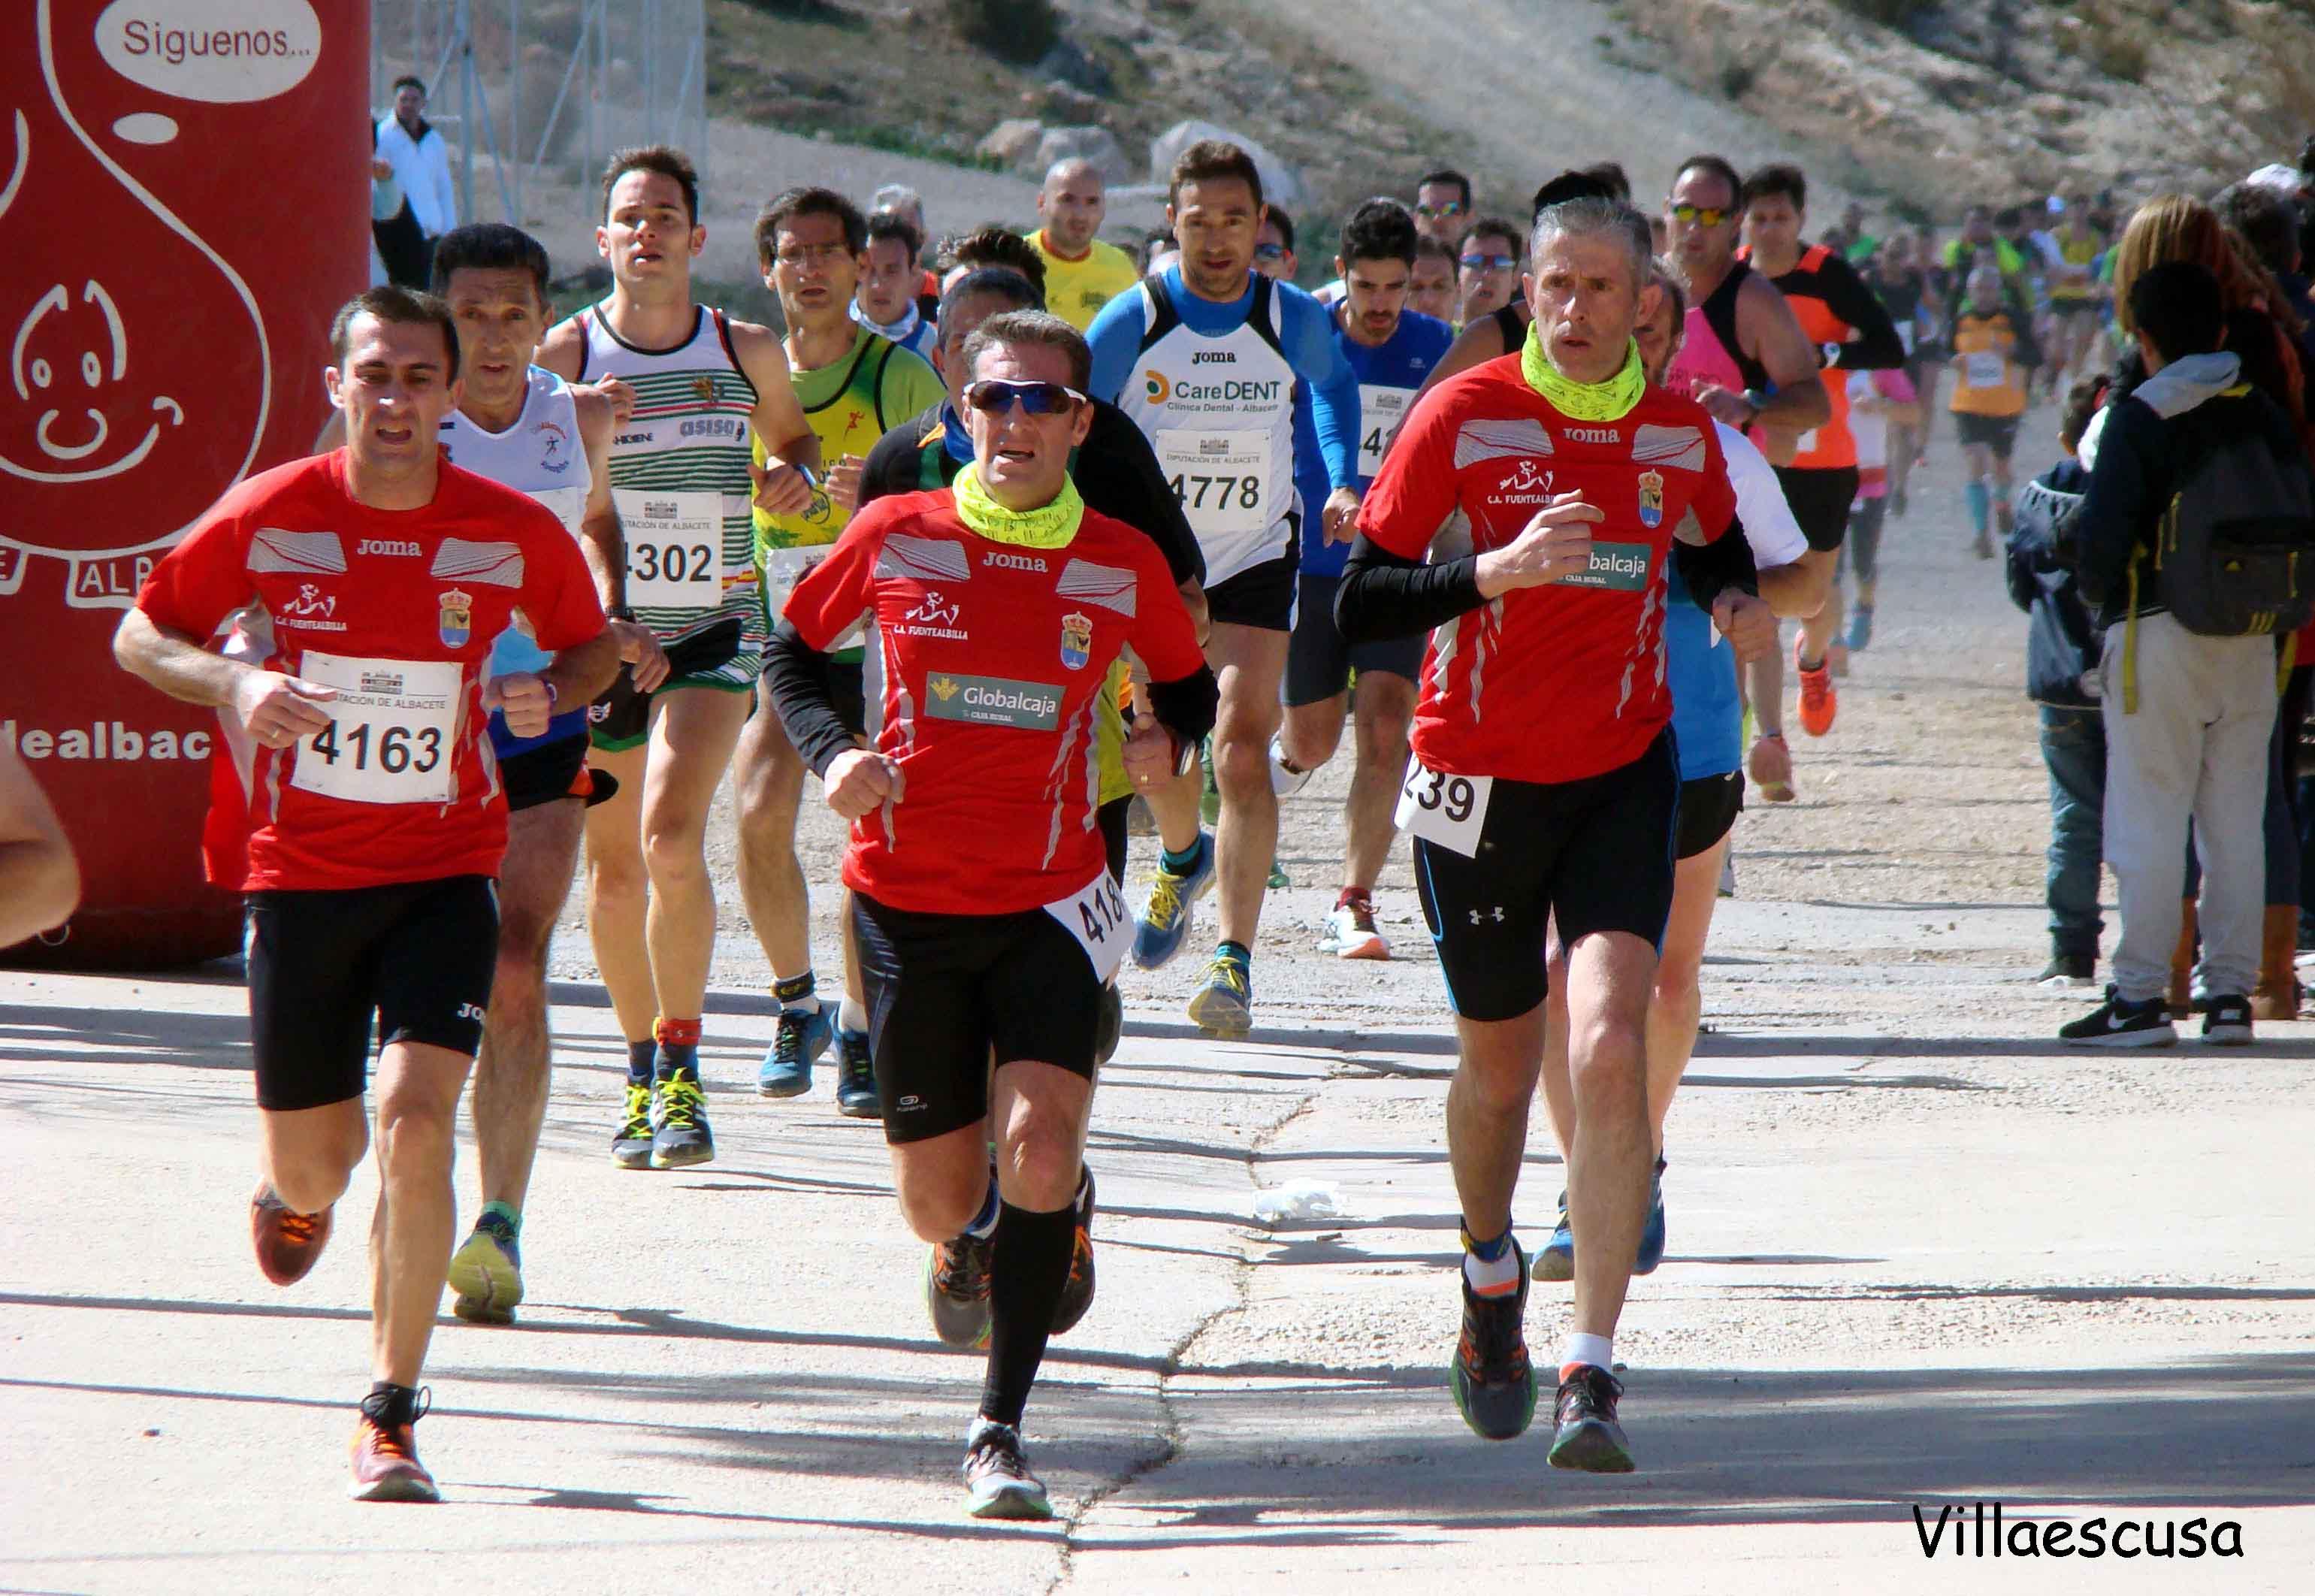 Atletas populares en la VIII Carrera Popular de Fuentealbilla (Foto: Paco Villaescusa)